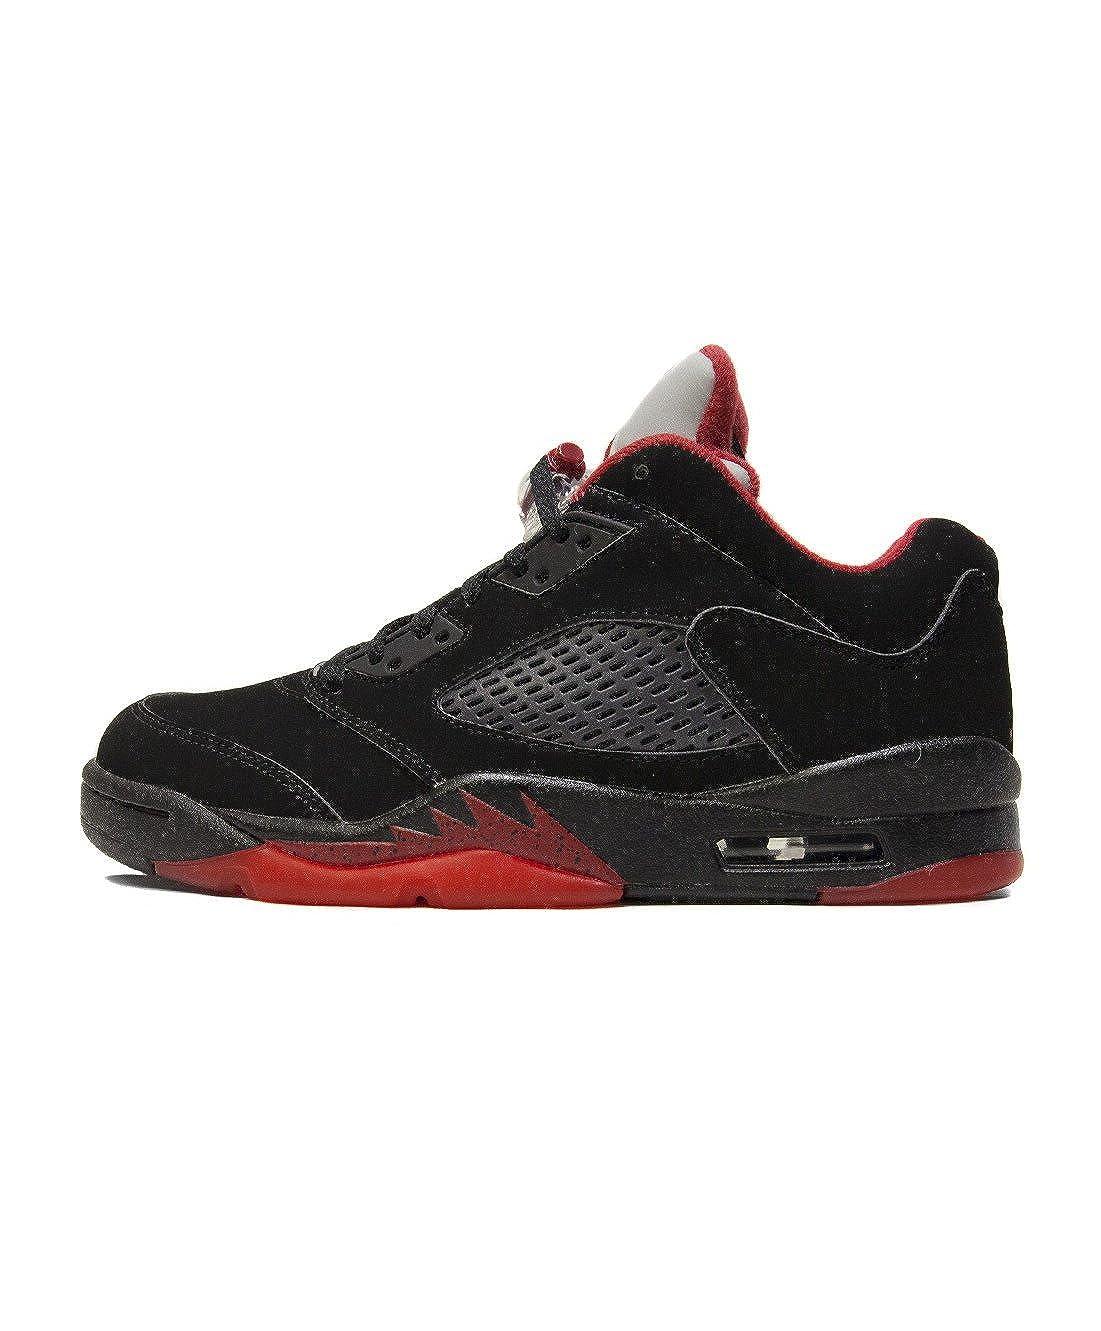 Air Jordan 5 Retro Low Basketball Shoe